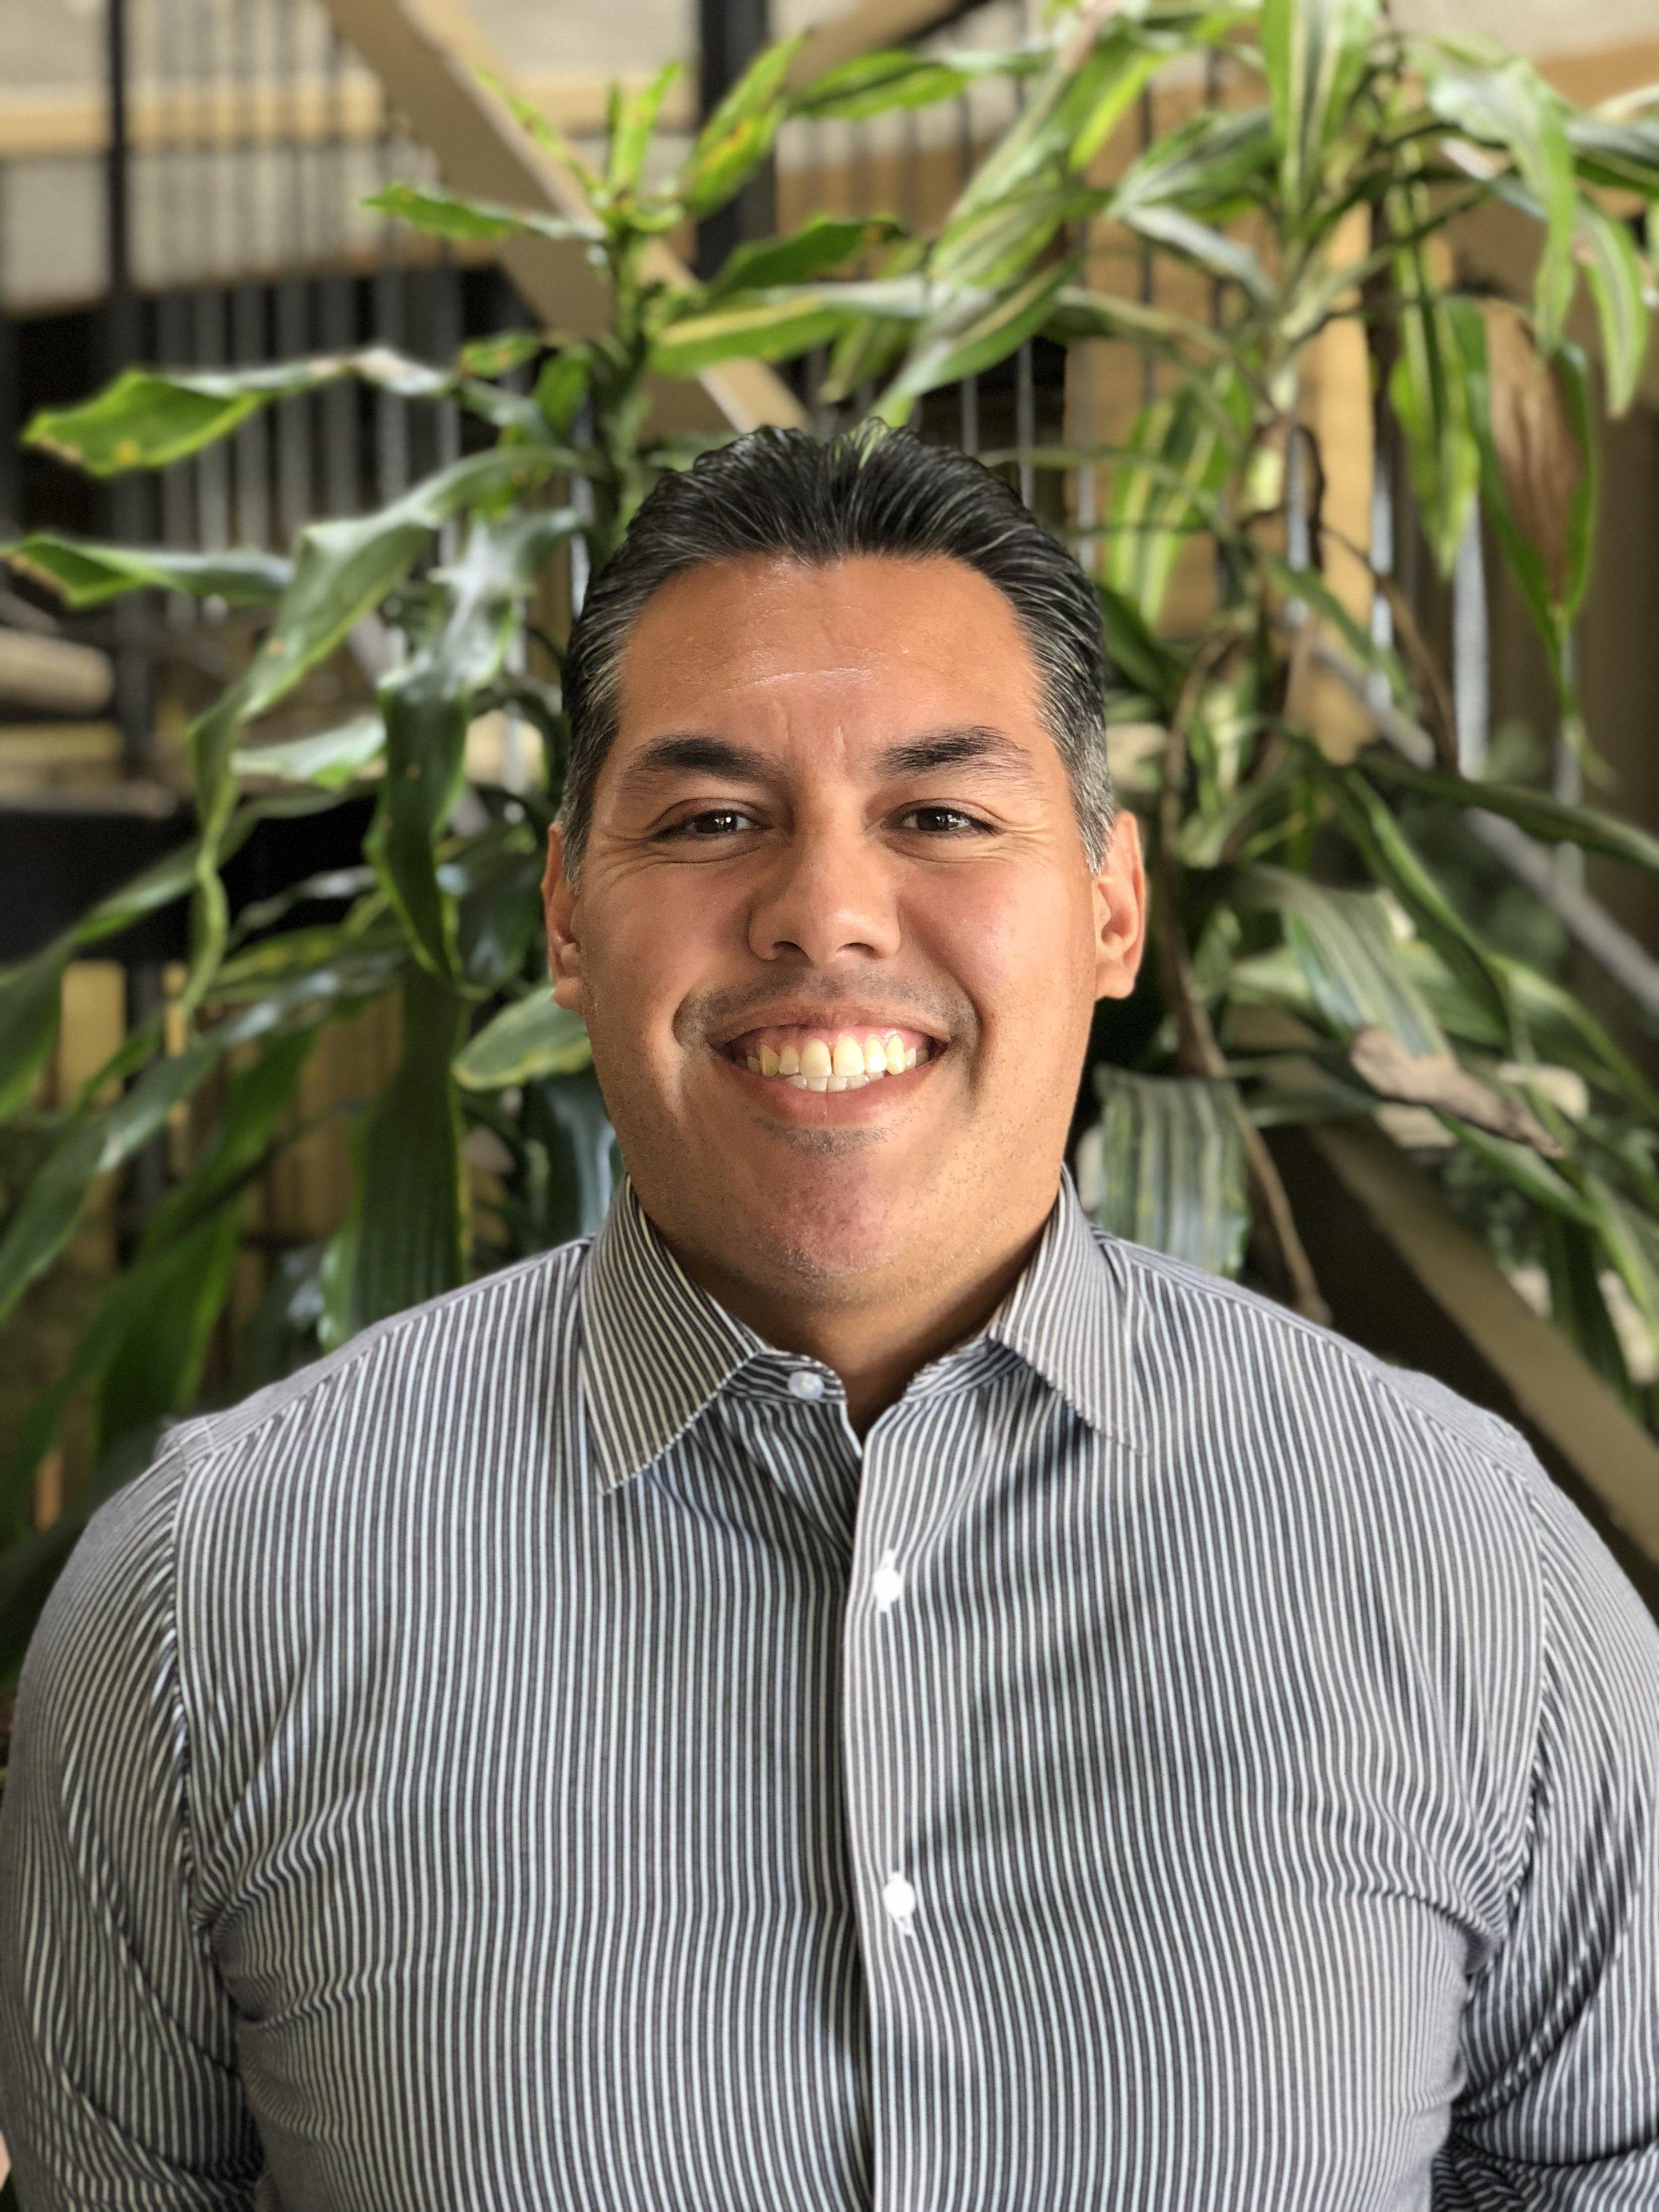 Peter Hernandez - Peter Hernandez started with AIM in 2008.